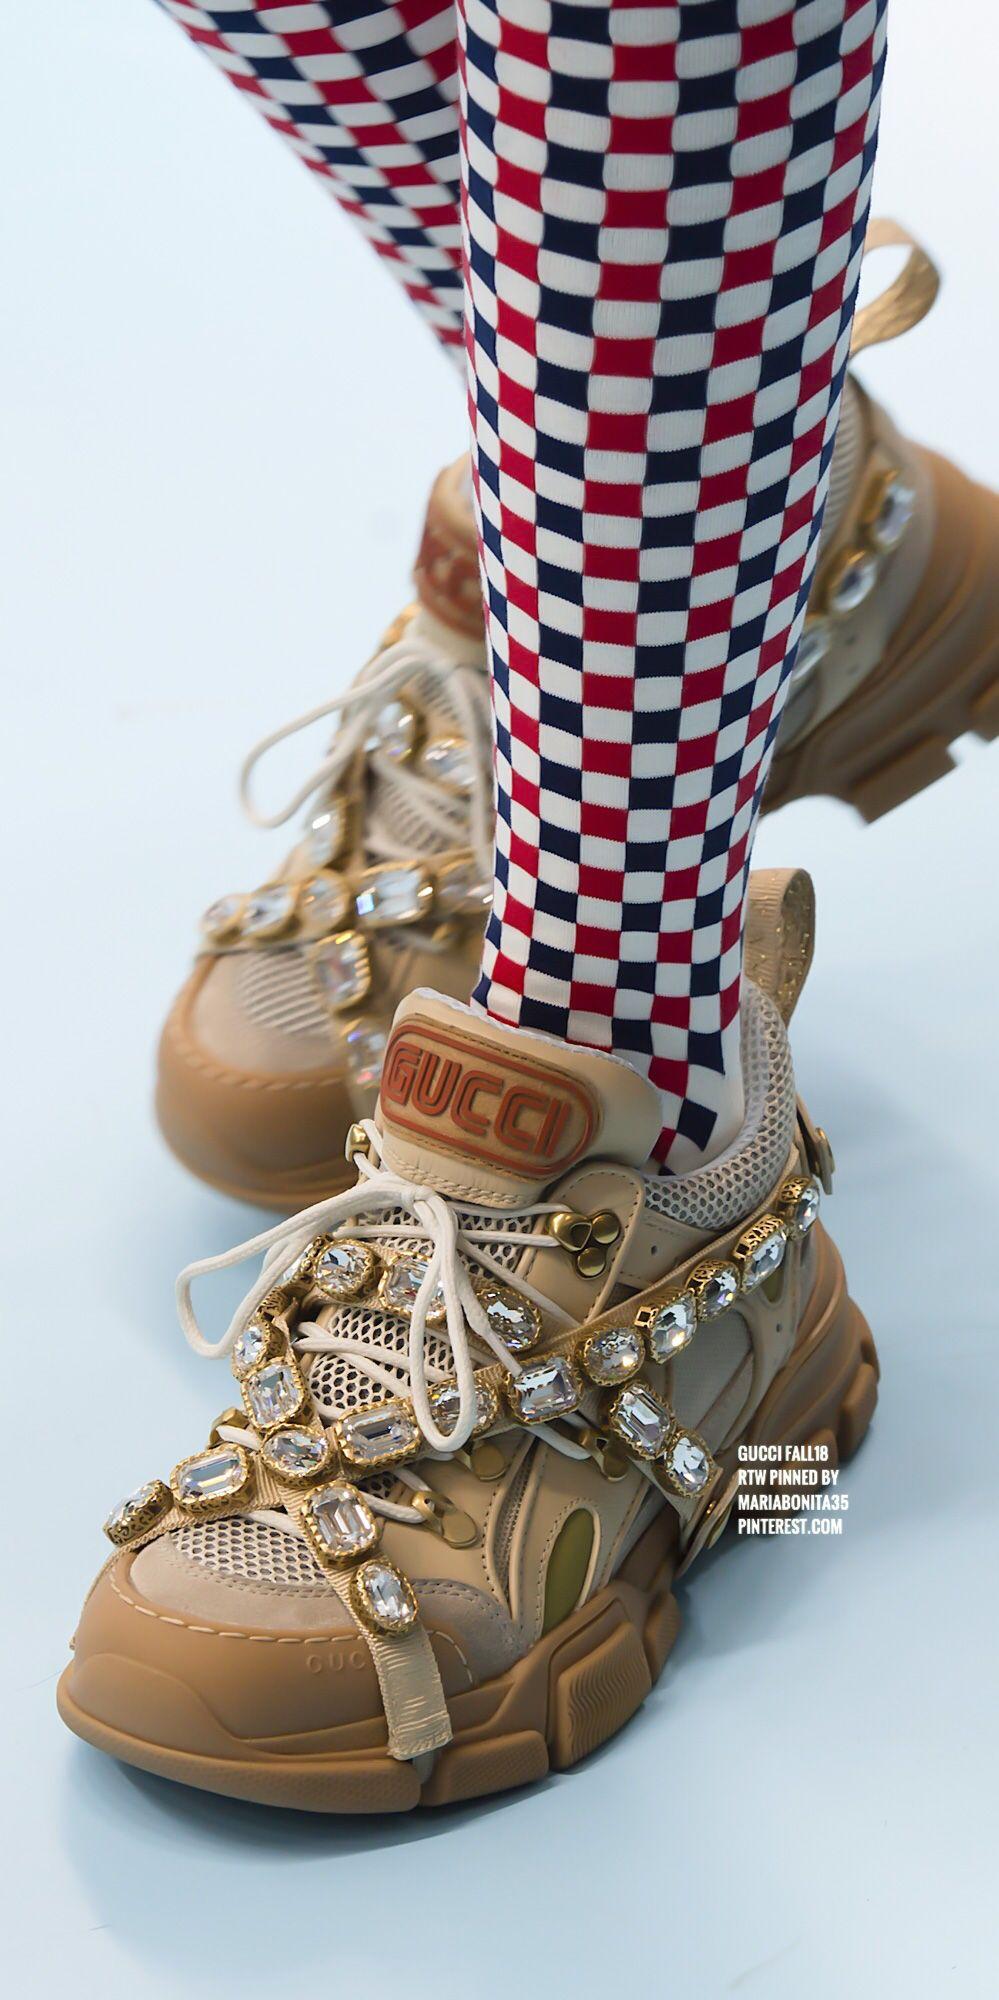 Gucci Fall18 Details | Autumn fashion